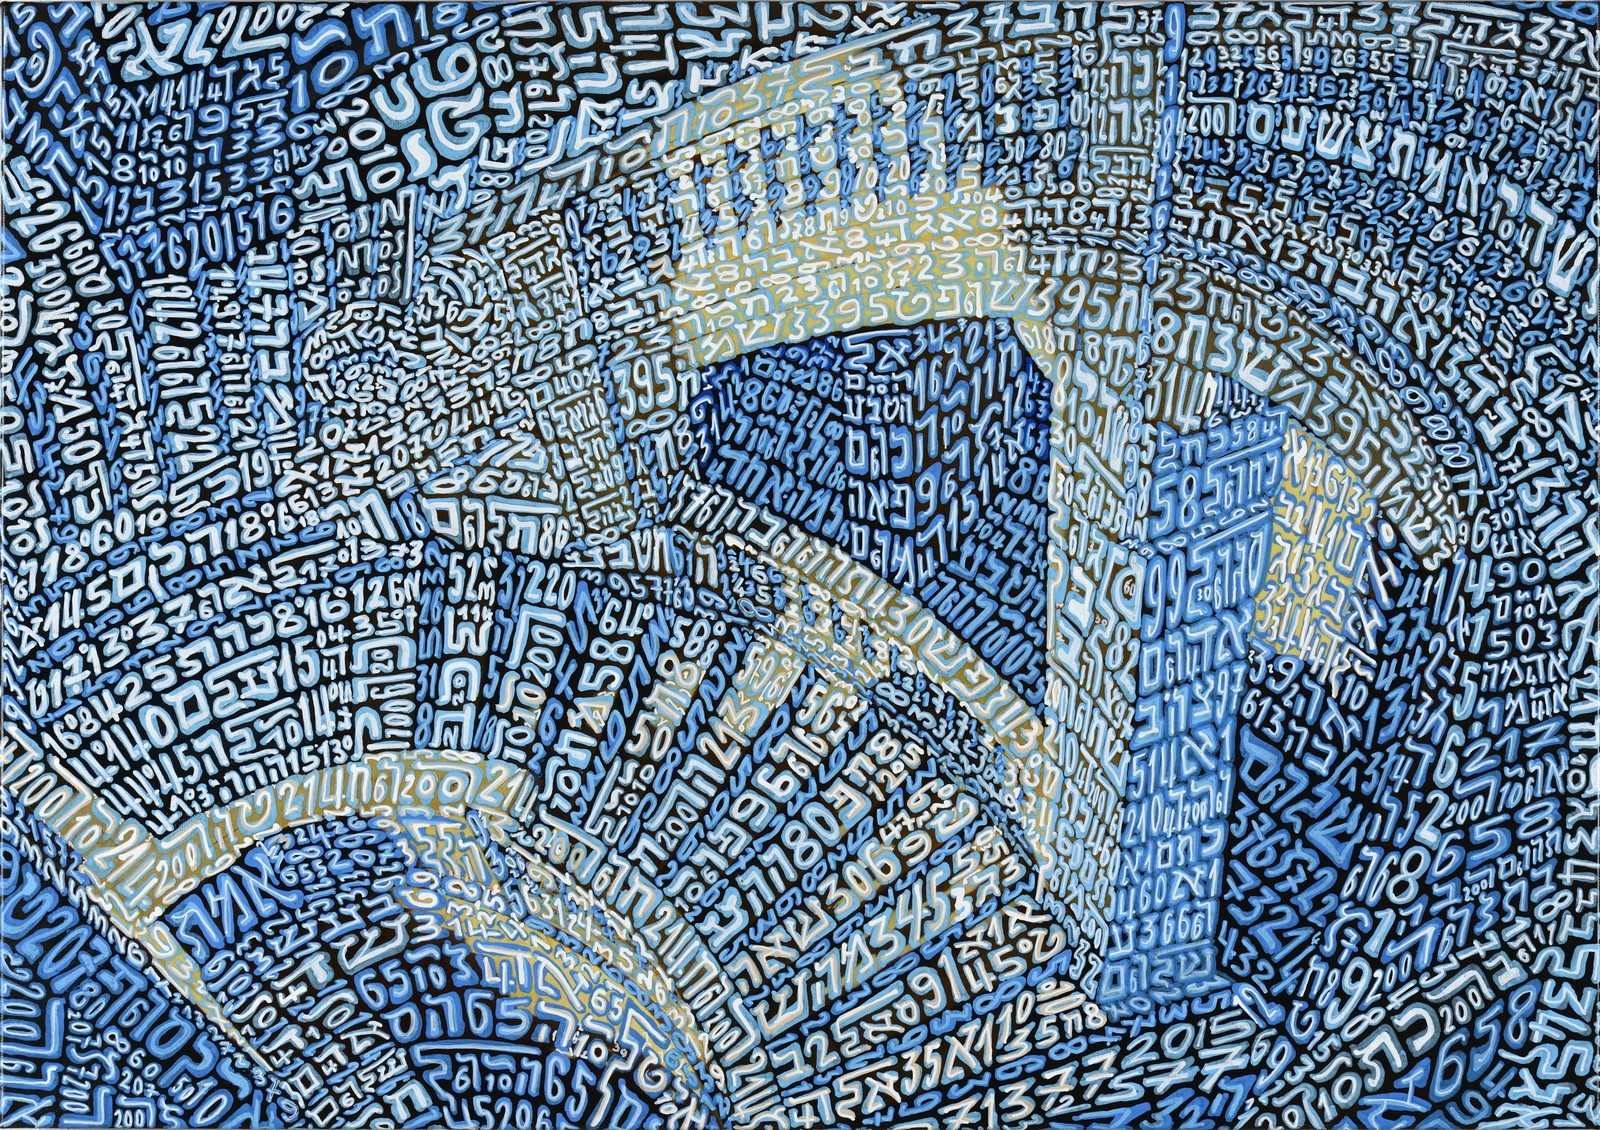 Tobia Ravà, Sullam, sequenze in scala, 2015, resine e tempere acriliche su tela, cm 50 x 70, courtesy Galleria Zabert Torino, foto Amedeo Fontana